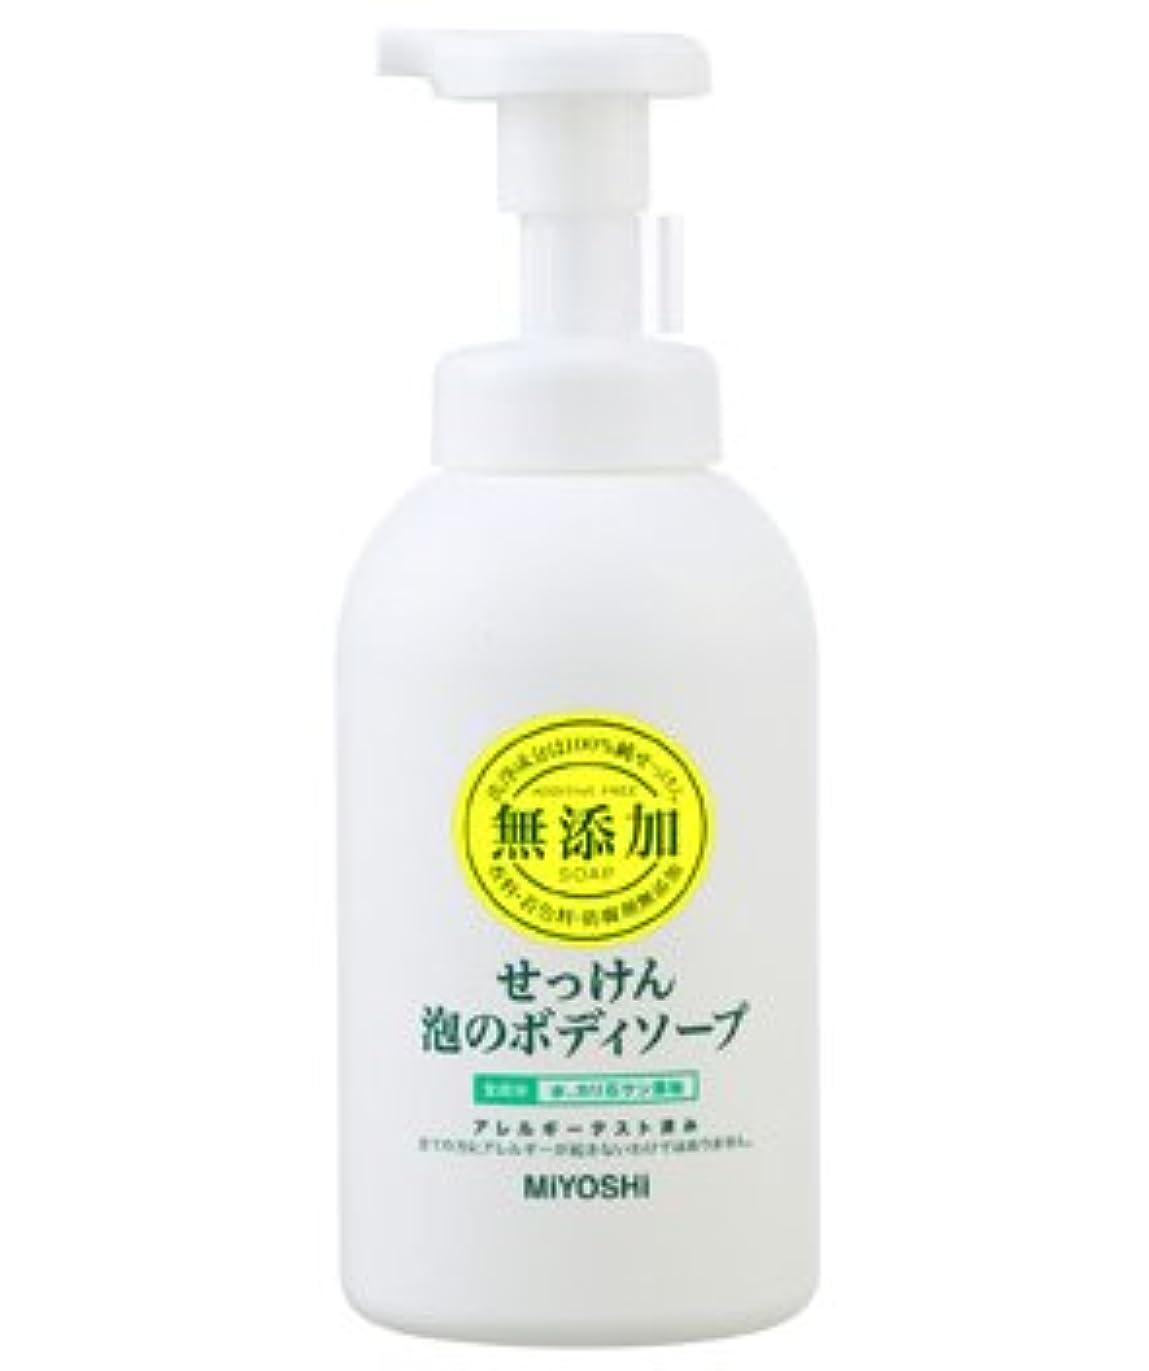 カエルストライプ古くなったミヨシ石鹸 無添加 せっけん 泡のボディソープ 500ml(無添加石鹸)×15点セット (4537130101544)